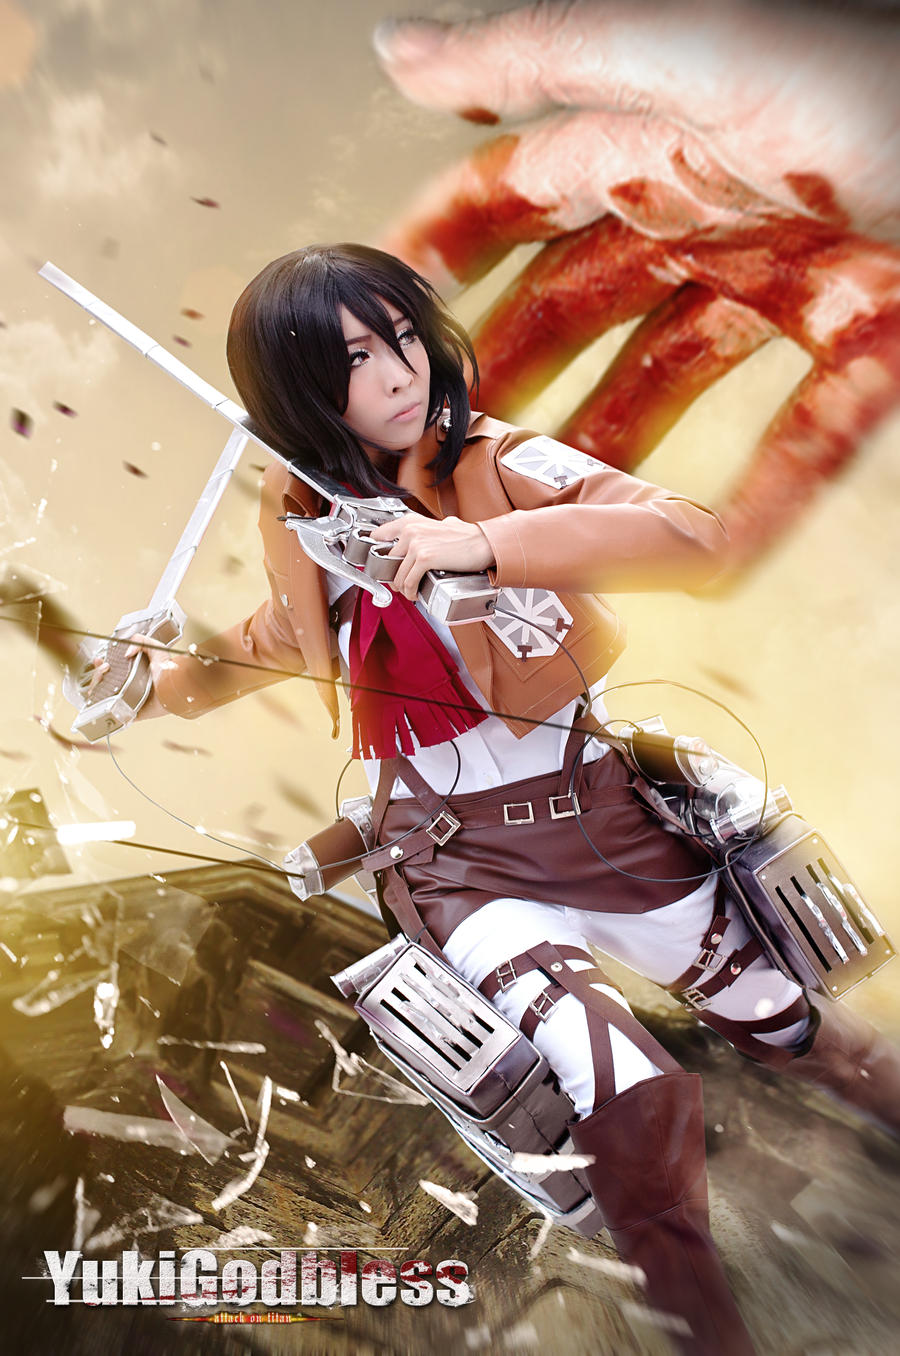 mikasa ackerman from Attack on Titan cosplay  Jump by yukigodbless